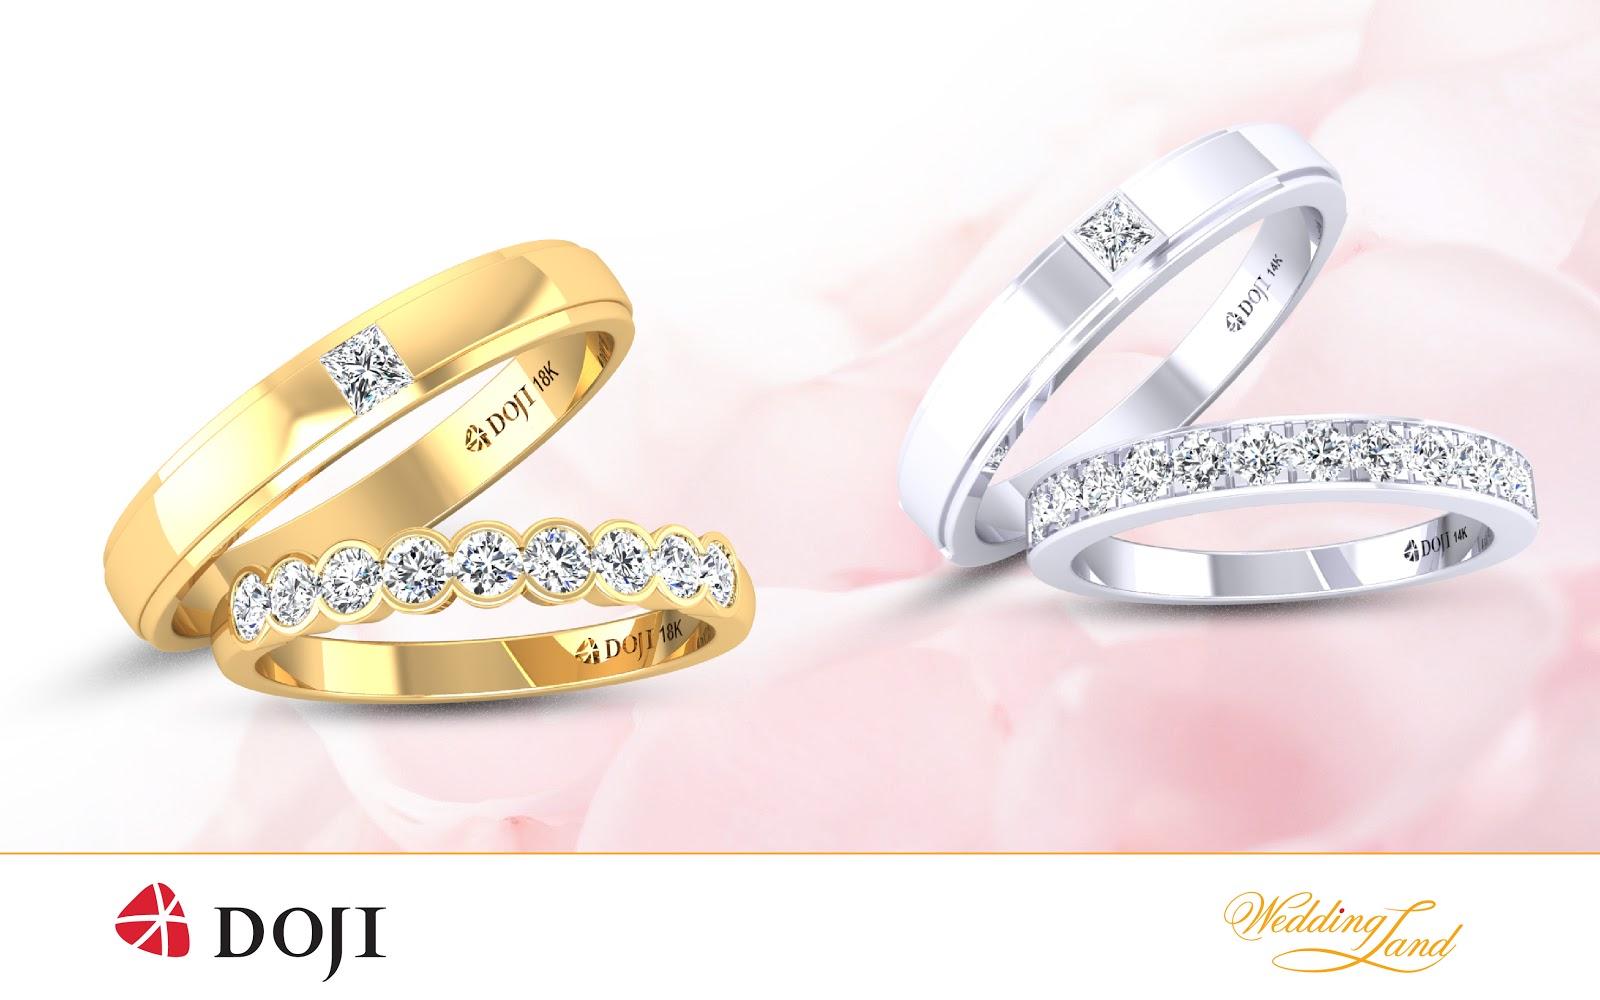 Nhẫn cưới DOJI, giảm giá sâu, trúng thưởng lớn - Ảnh 1.